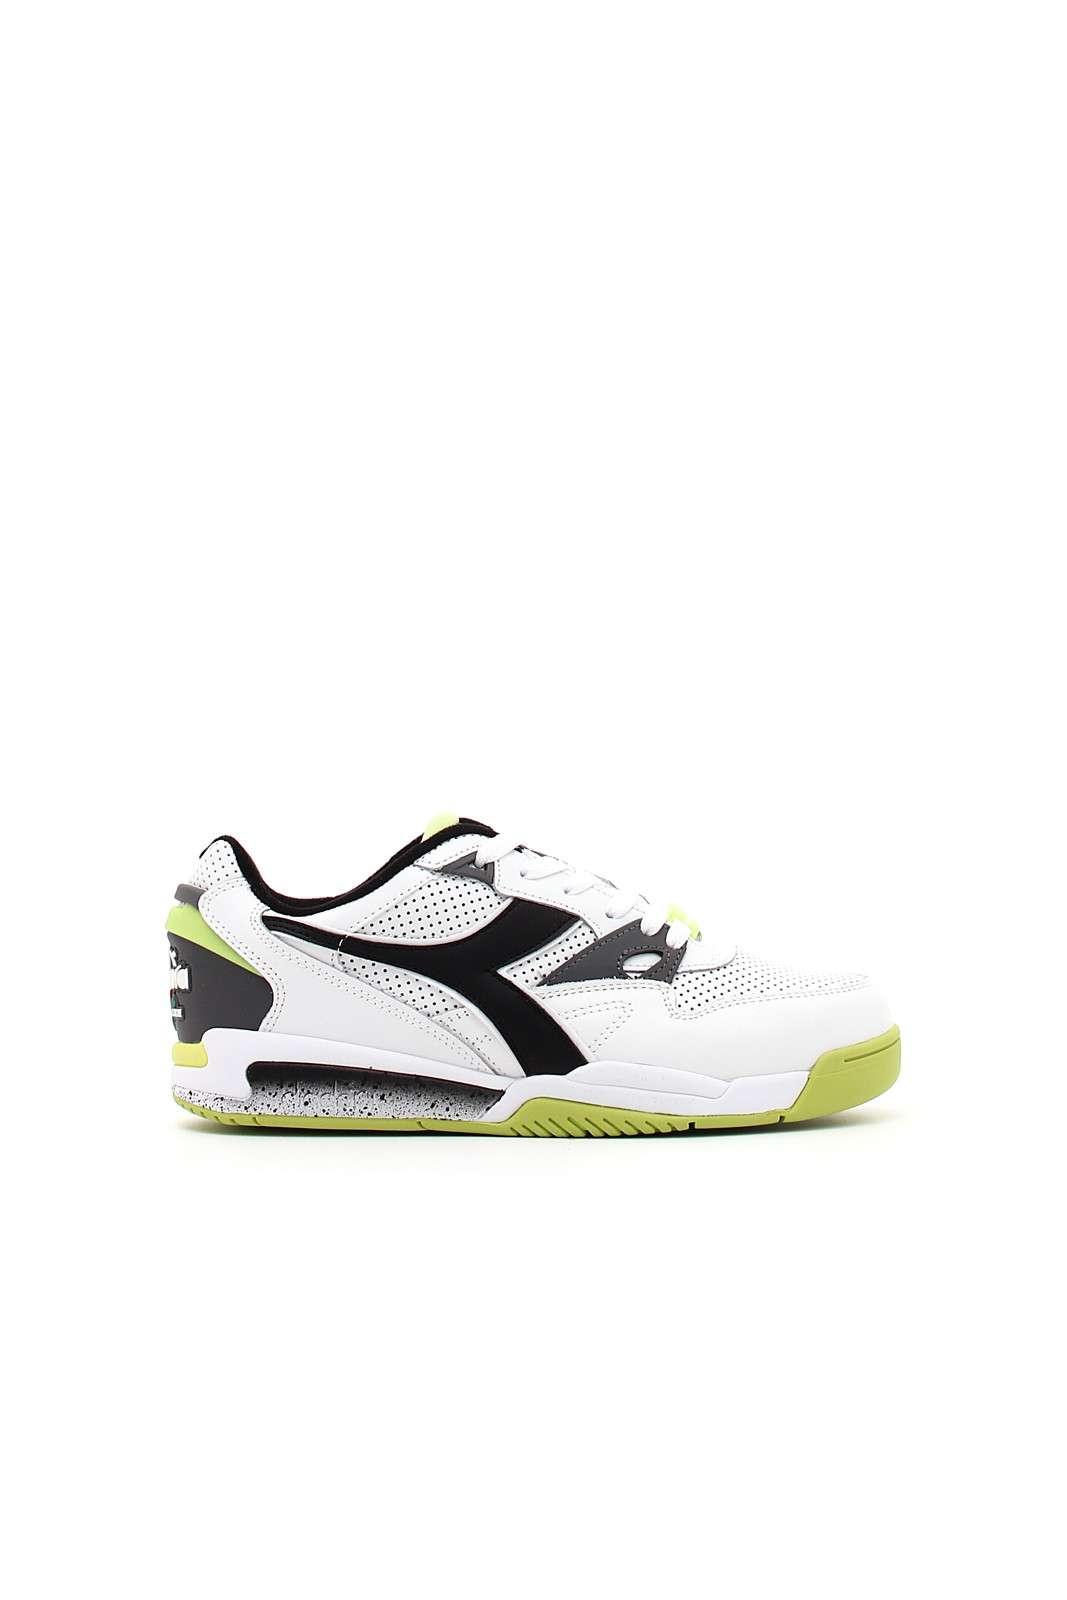 Una rivoluzionaria scarpa da tennis, creata con l'innovativa tecnologia Double Action visibile nel design stesso, combina la potenza di ammortizzazione, reattività ed equilibrio con un look ultra moderno. Realizzata in pelle premium con contrasti di colori pop